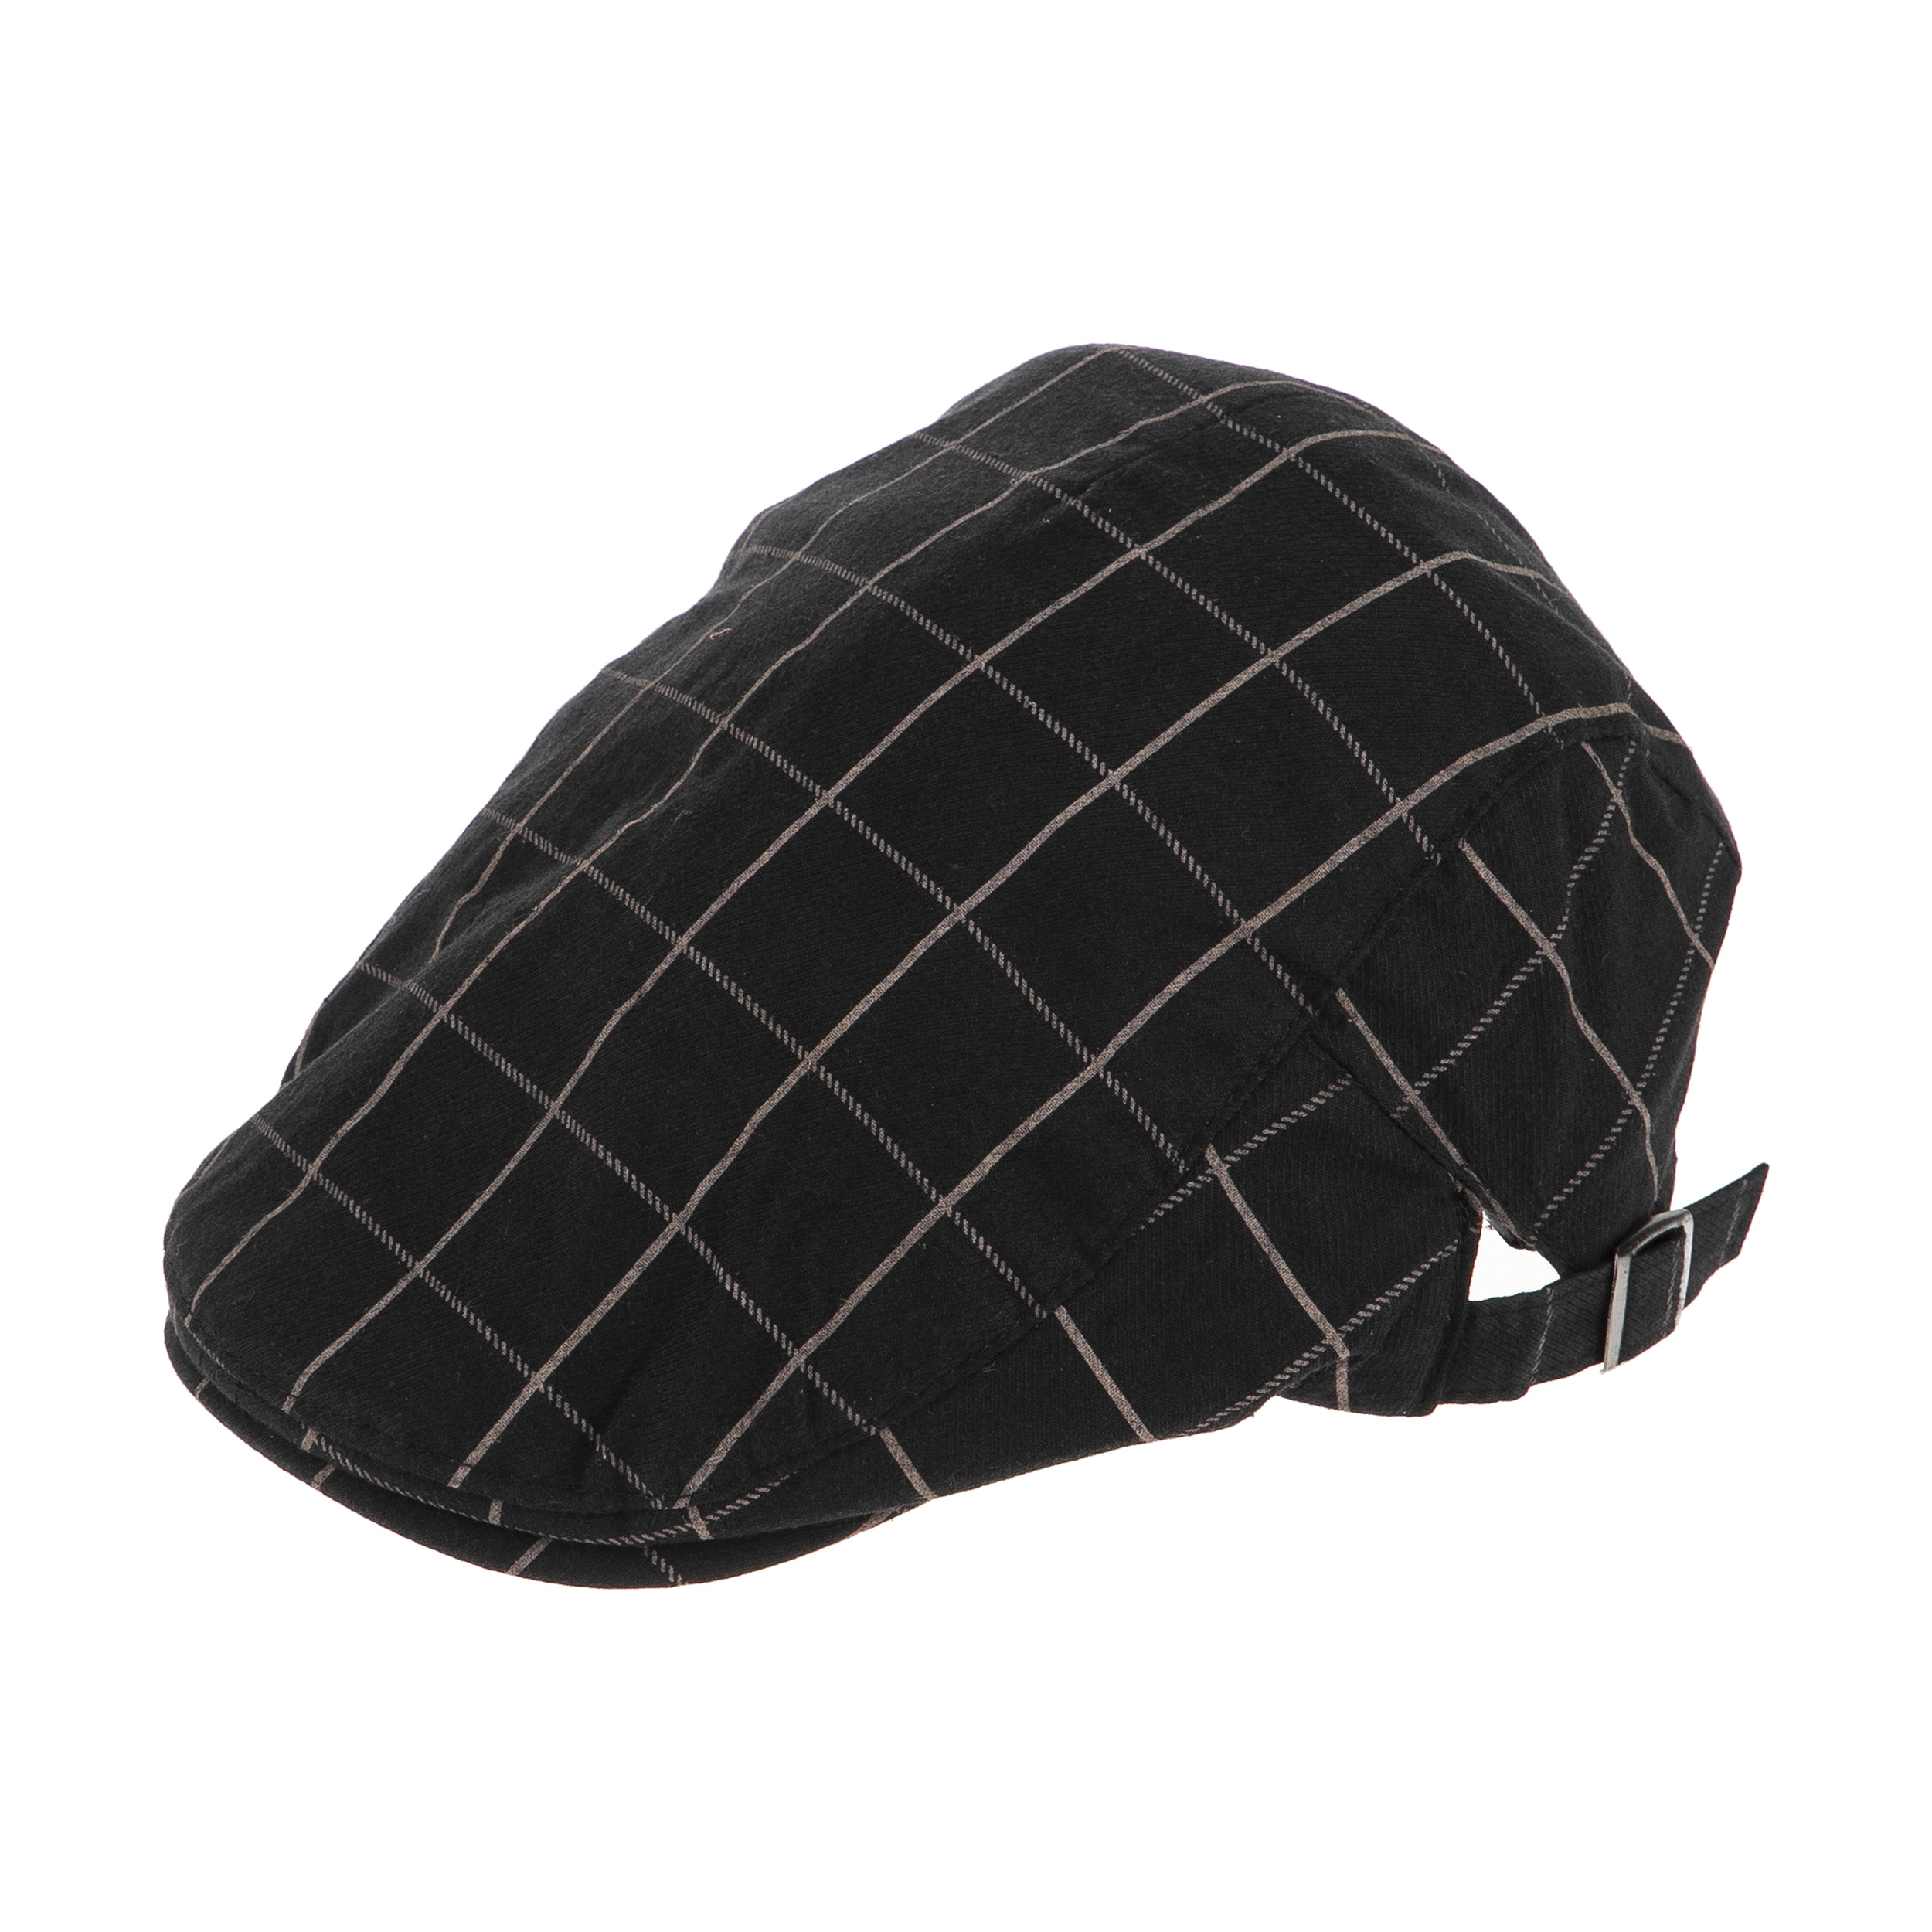 کلاه مردانه باراتا کد btt 26